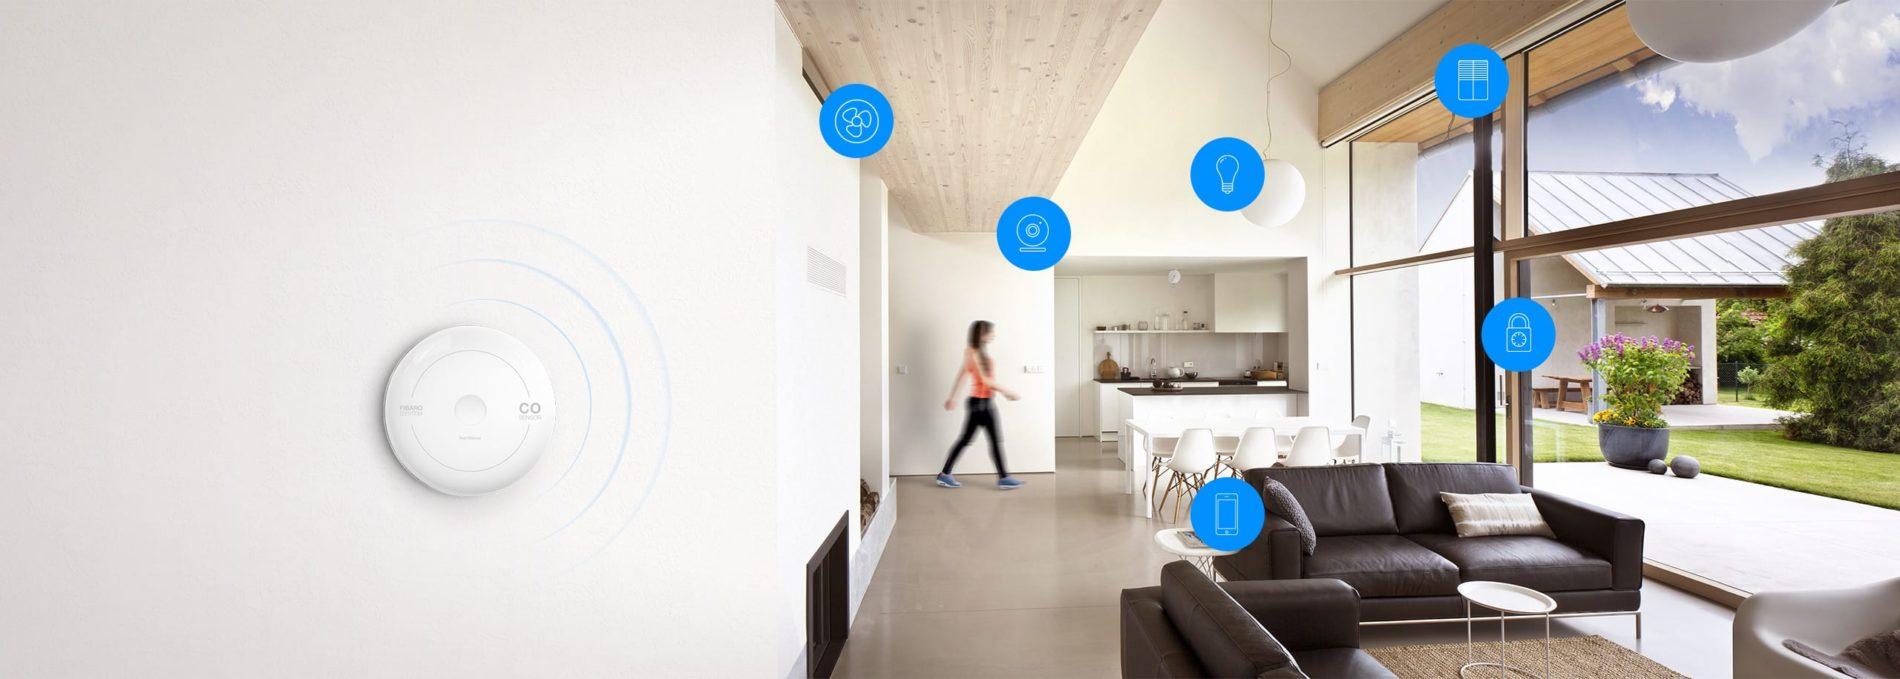 Smart Home München: Der CO-Sensor arbeitet mit anderen FIBARO-Geräten zusammen und trägt so dazu bei, Ihr Zuhause intelligent zu schützen.